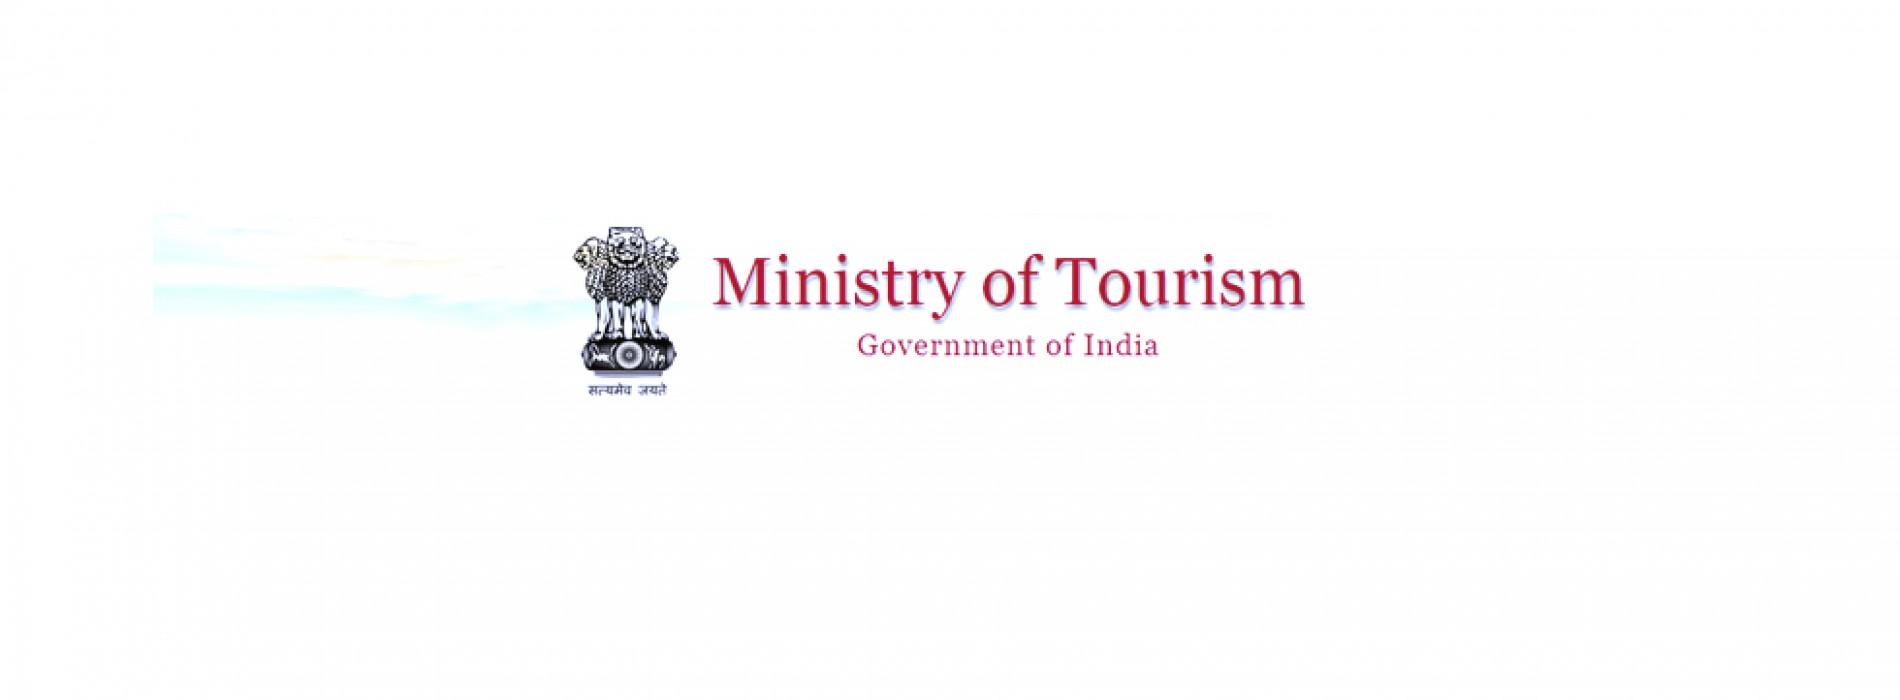 Making India a Preferred MICE Destination